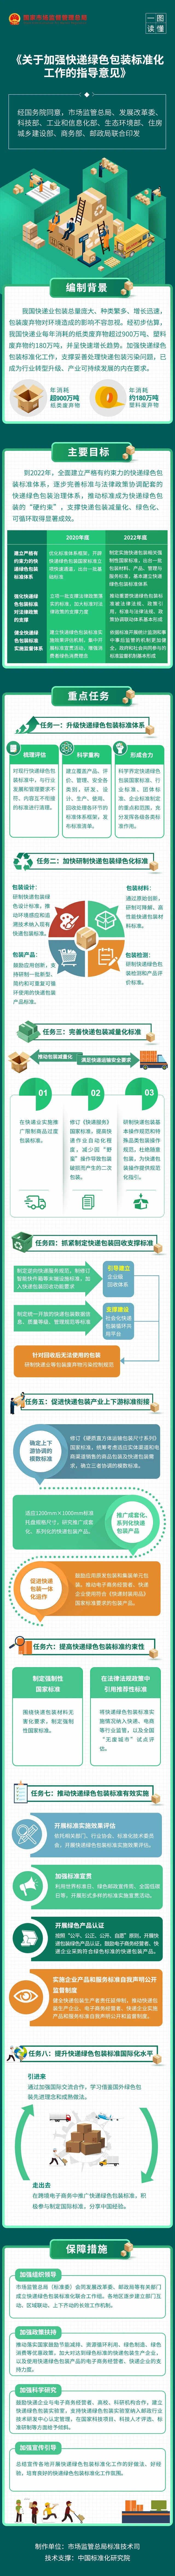 八部门:全面建立严格有约束力的快递绿色包装标准体系